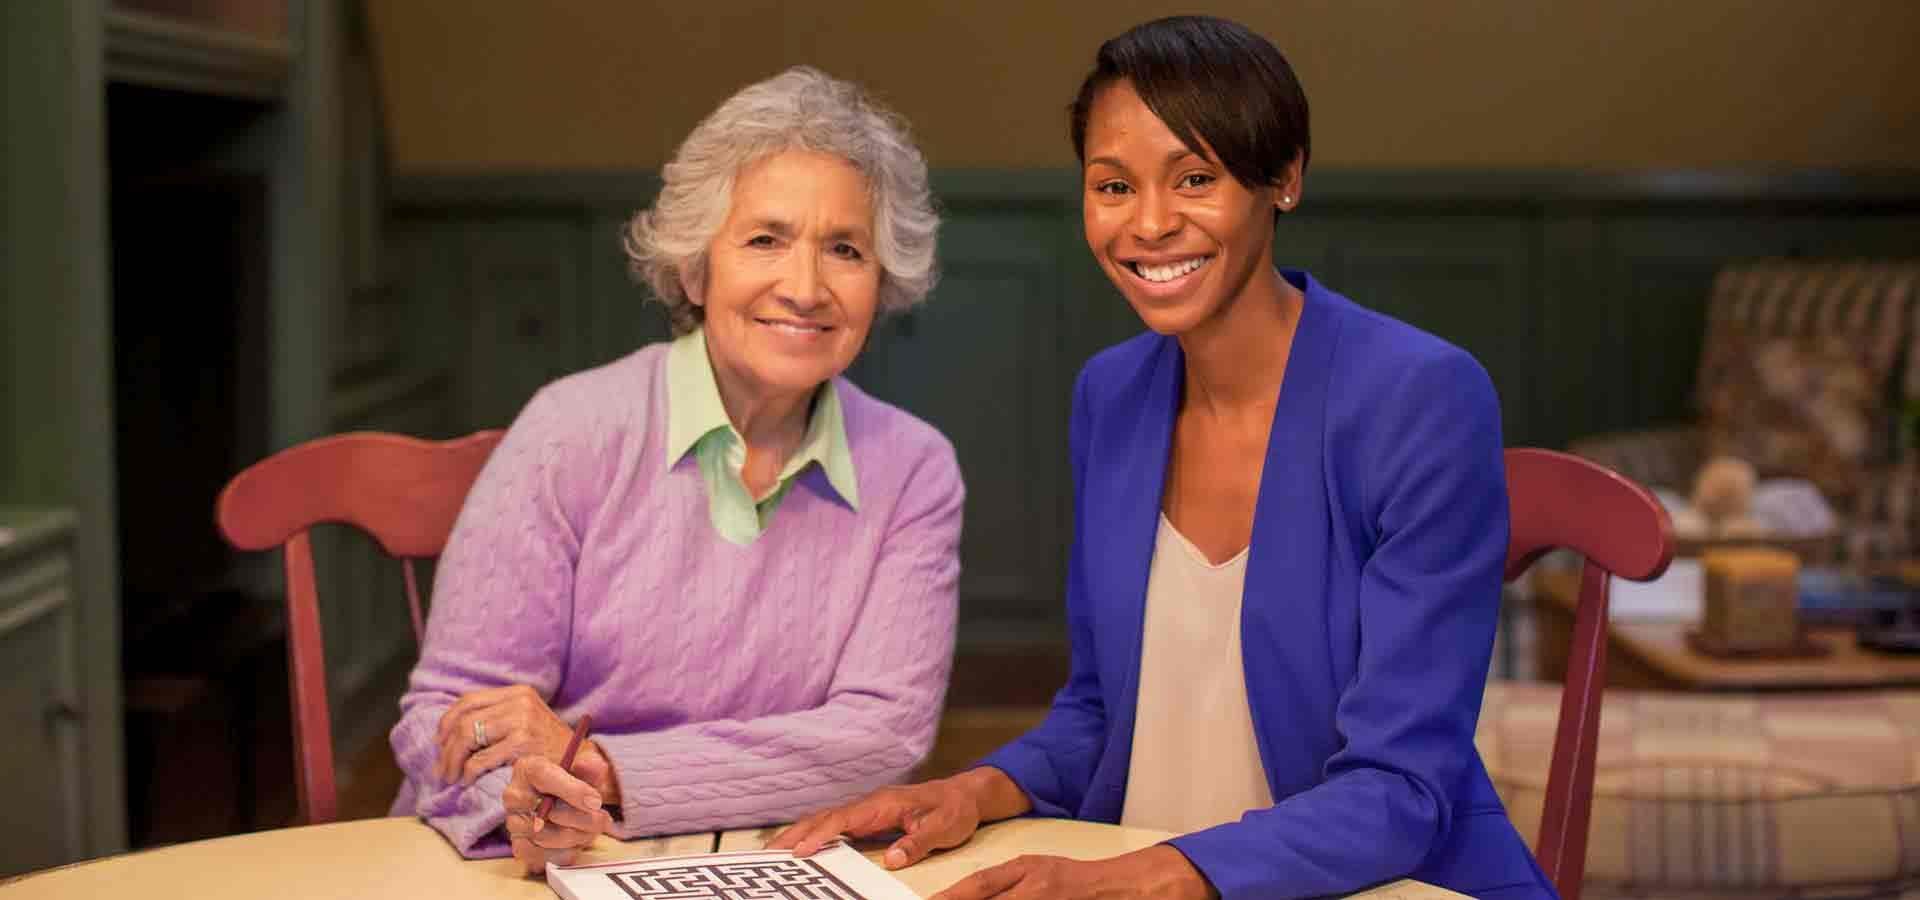 In-Home Care Provider Burlington VT